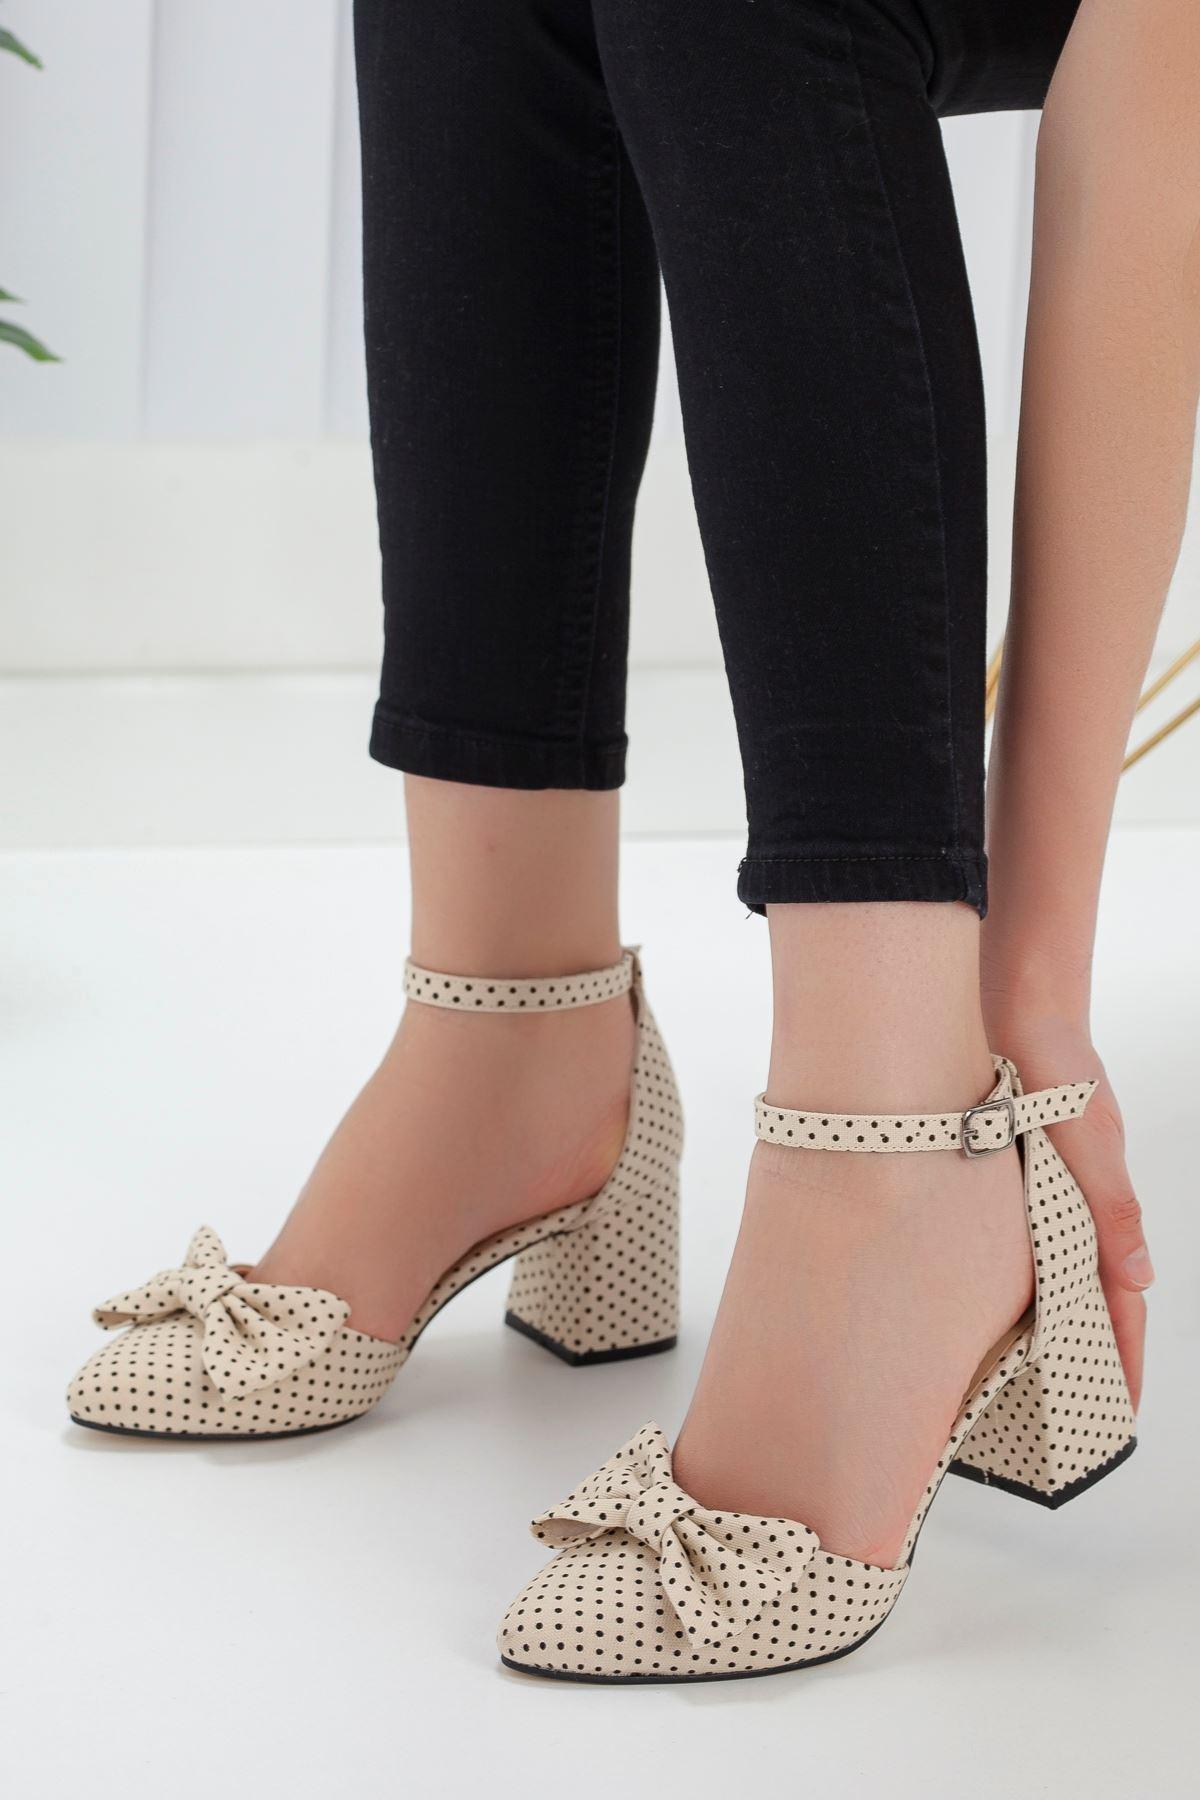 Kadın Polder Puantiye Hafif Topuklu Vizon Ayakkabı